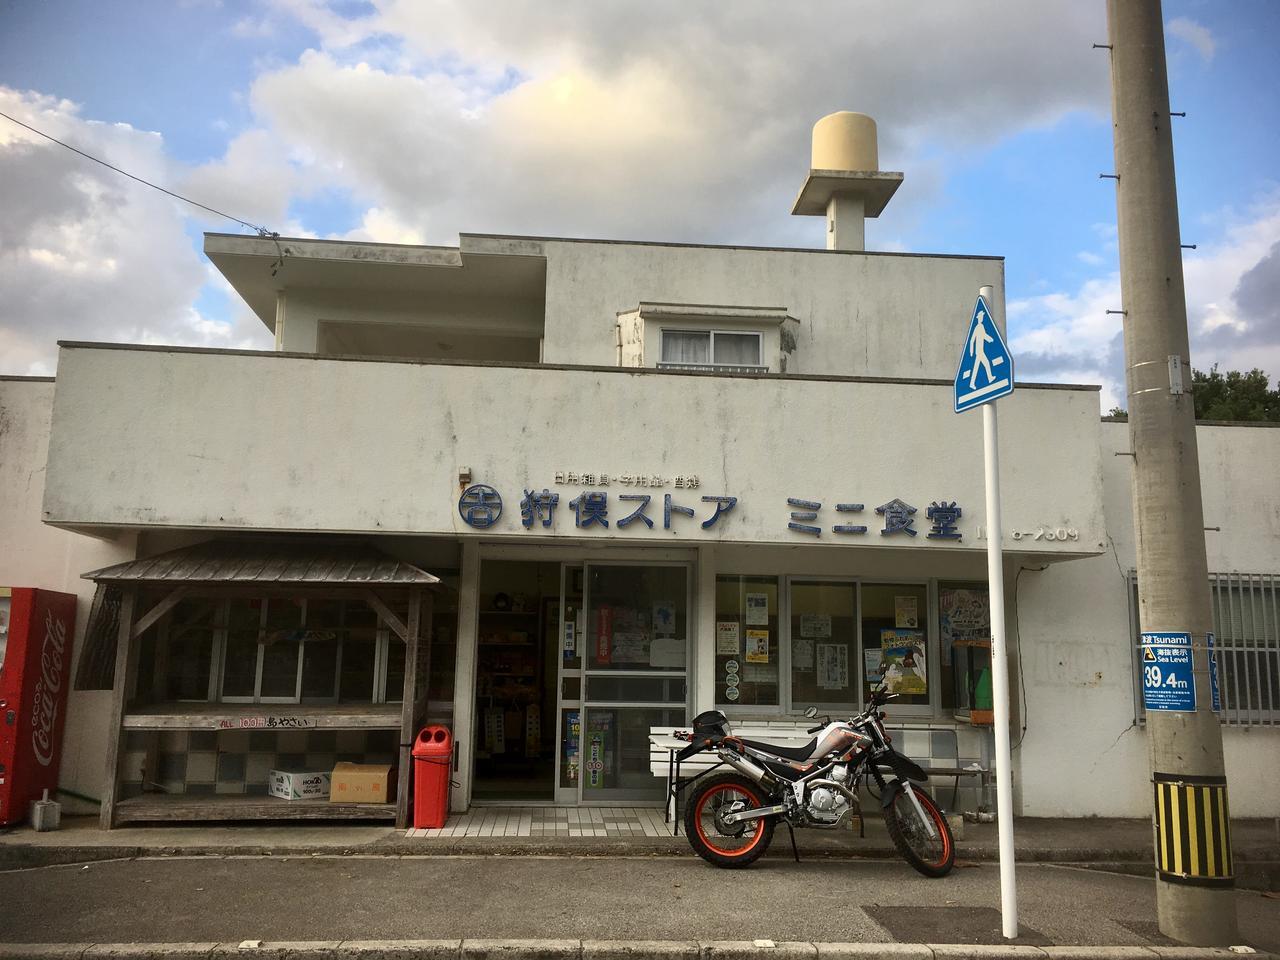 画像: バイク止めちゃうよね〜仕方ないよ...貪欲だもの。 ミニ食堂の狩俣食堂さん